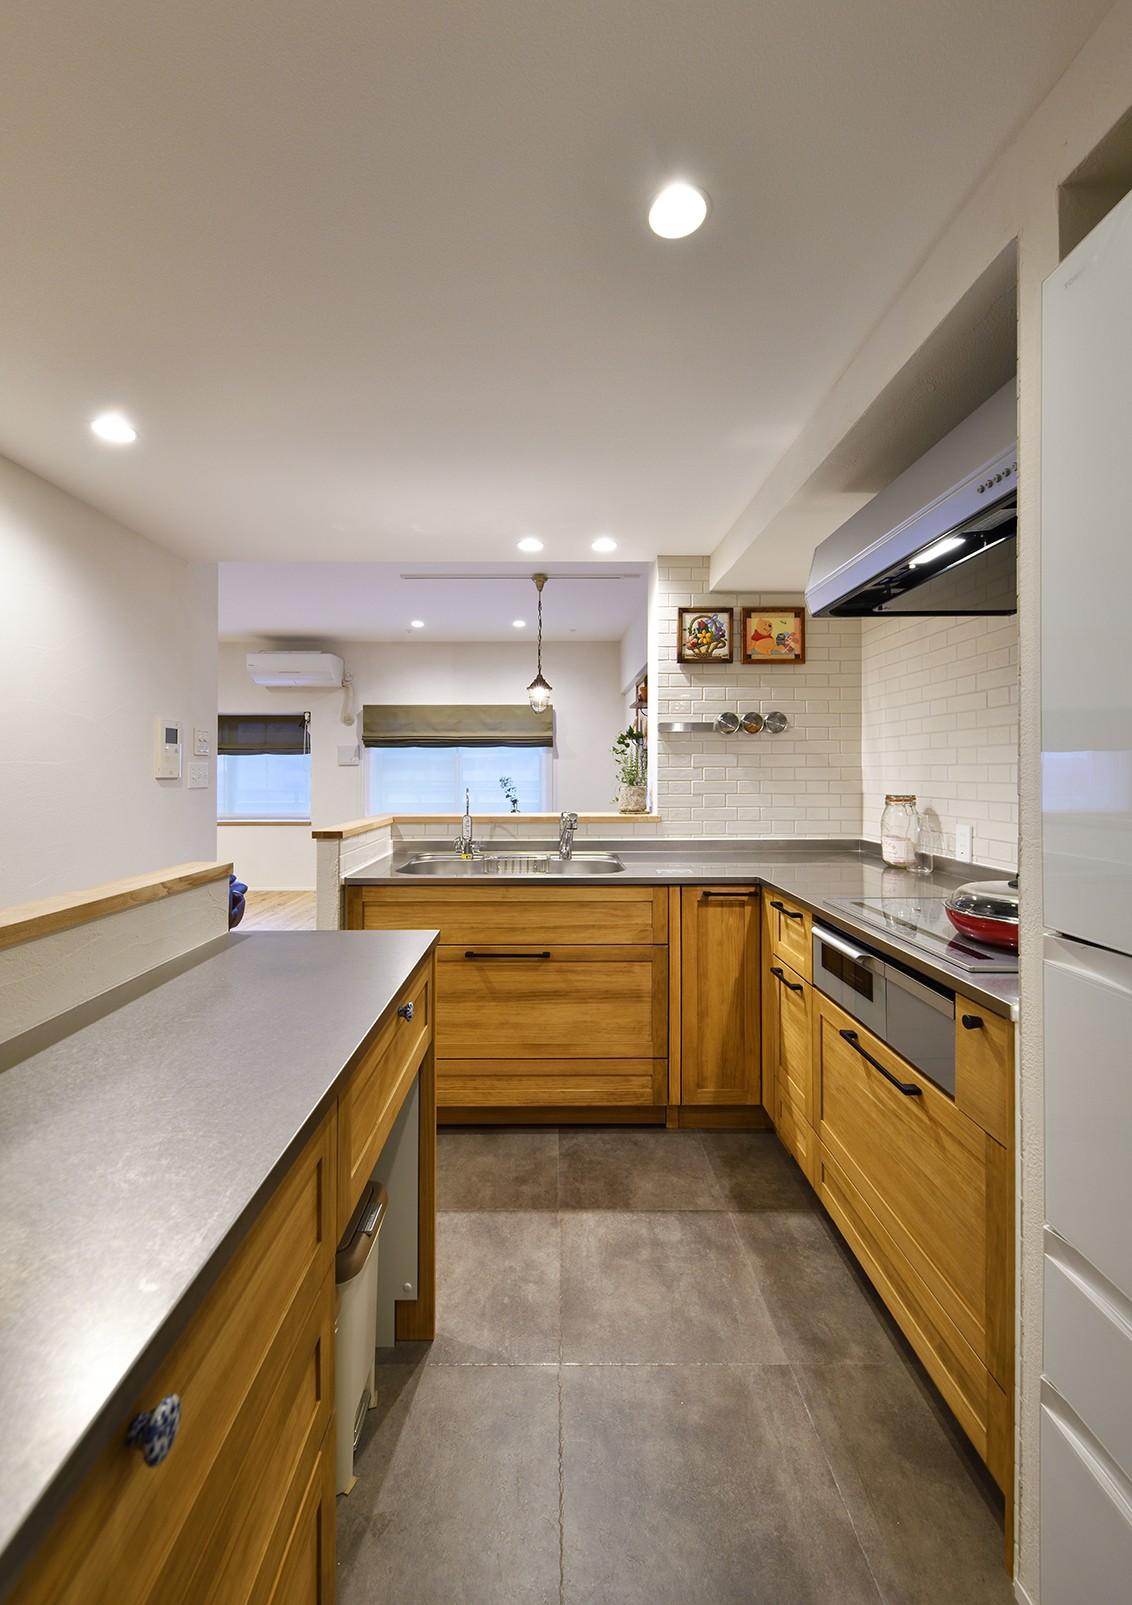 キッチン事例:奥様に嬉しい回遊動線のキッチン(緑ゆたかな郊外へ 自然素材に囲まれた住まい)